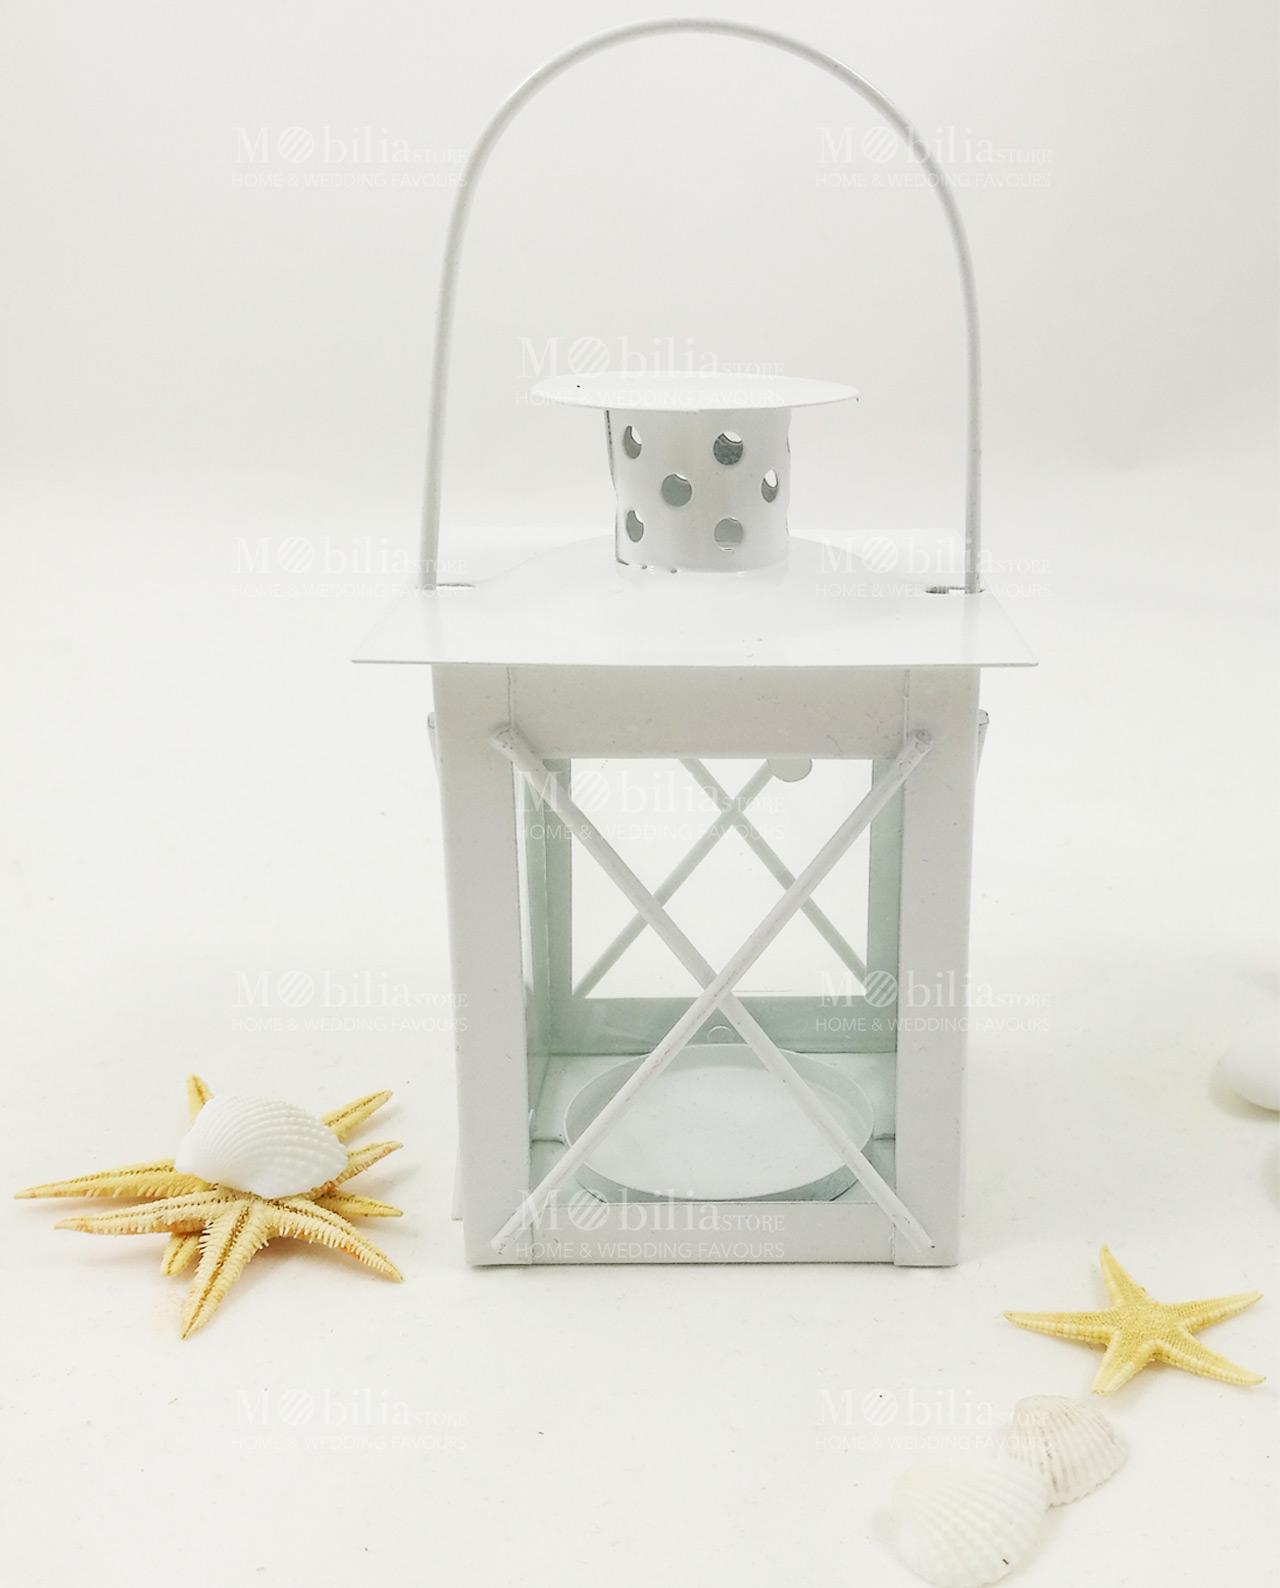 Lanterne portacandele economiche metallo e vetro shabby chic - Lanterne portacandele ...